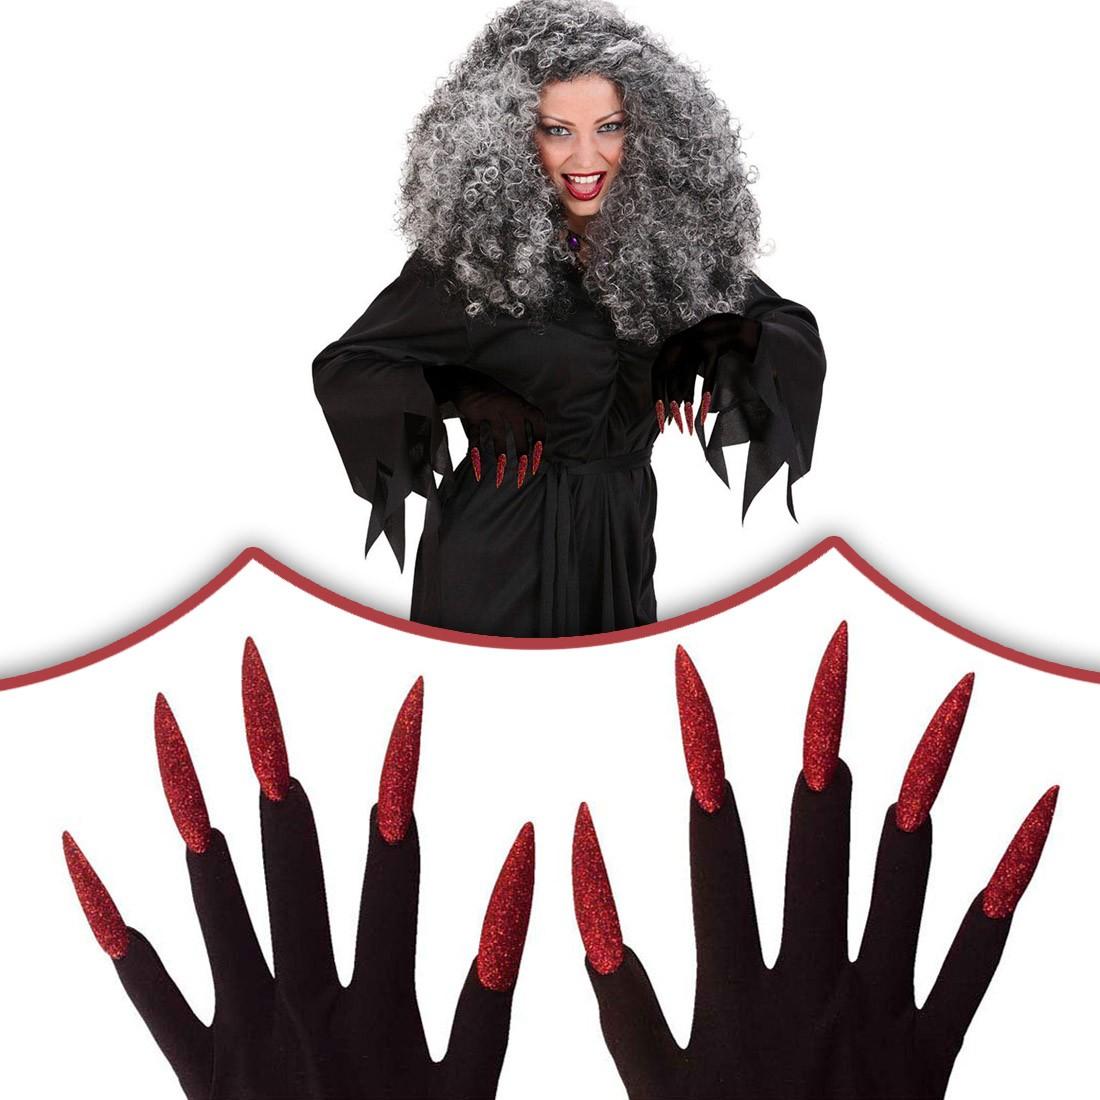 Rote Halloween Hexen Handschuhe mit Nägeln Hexenhandschuhe, 5,99 €